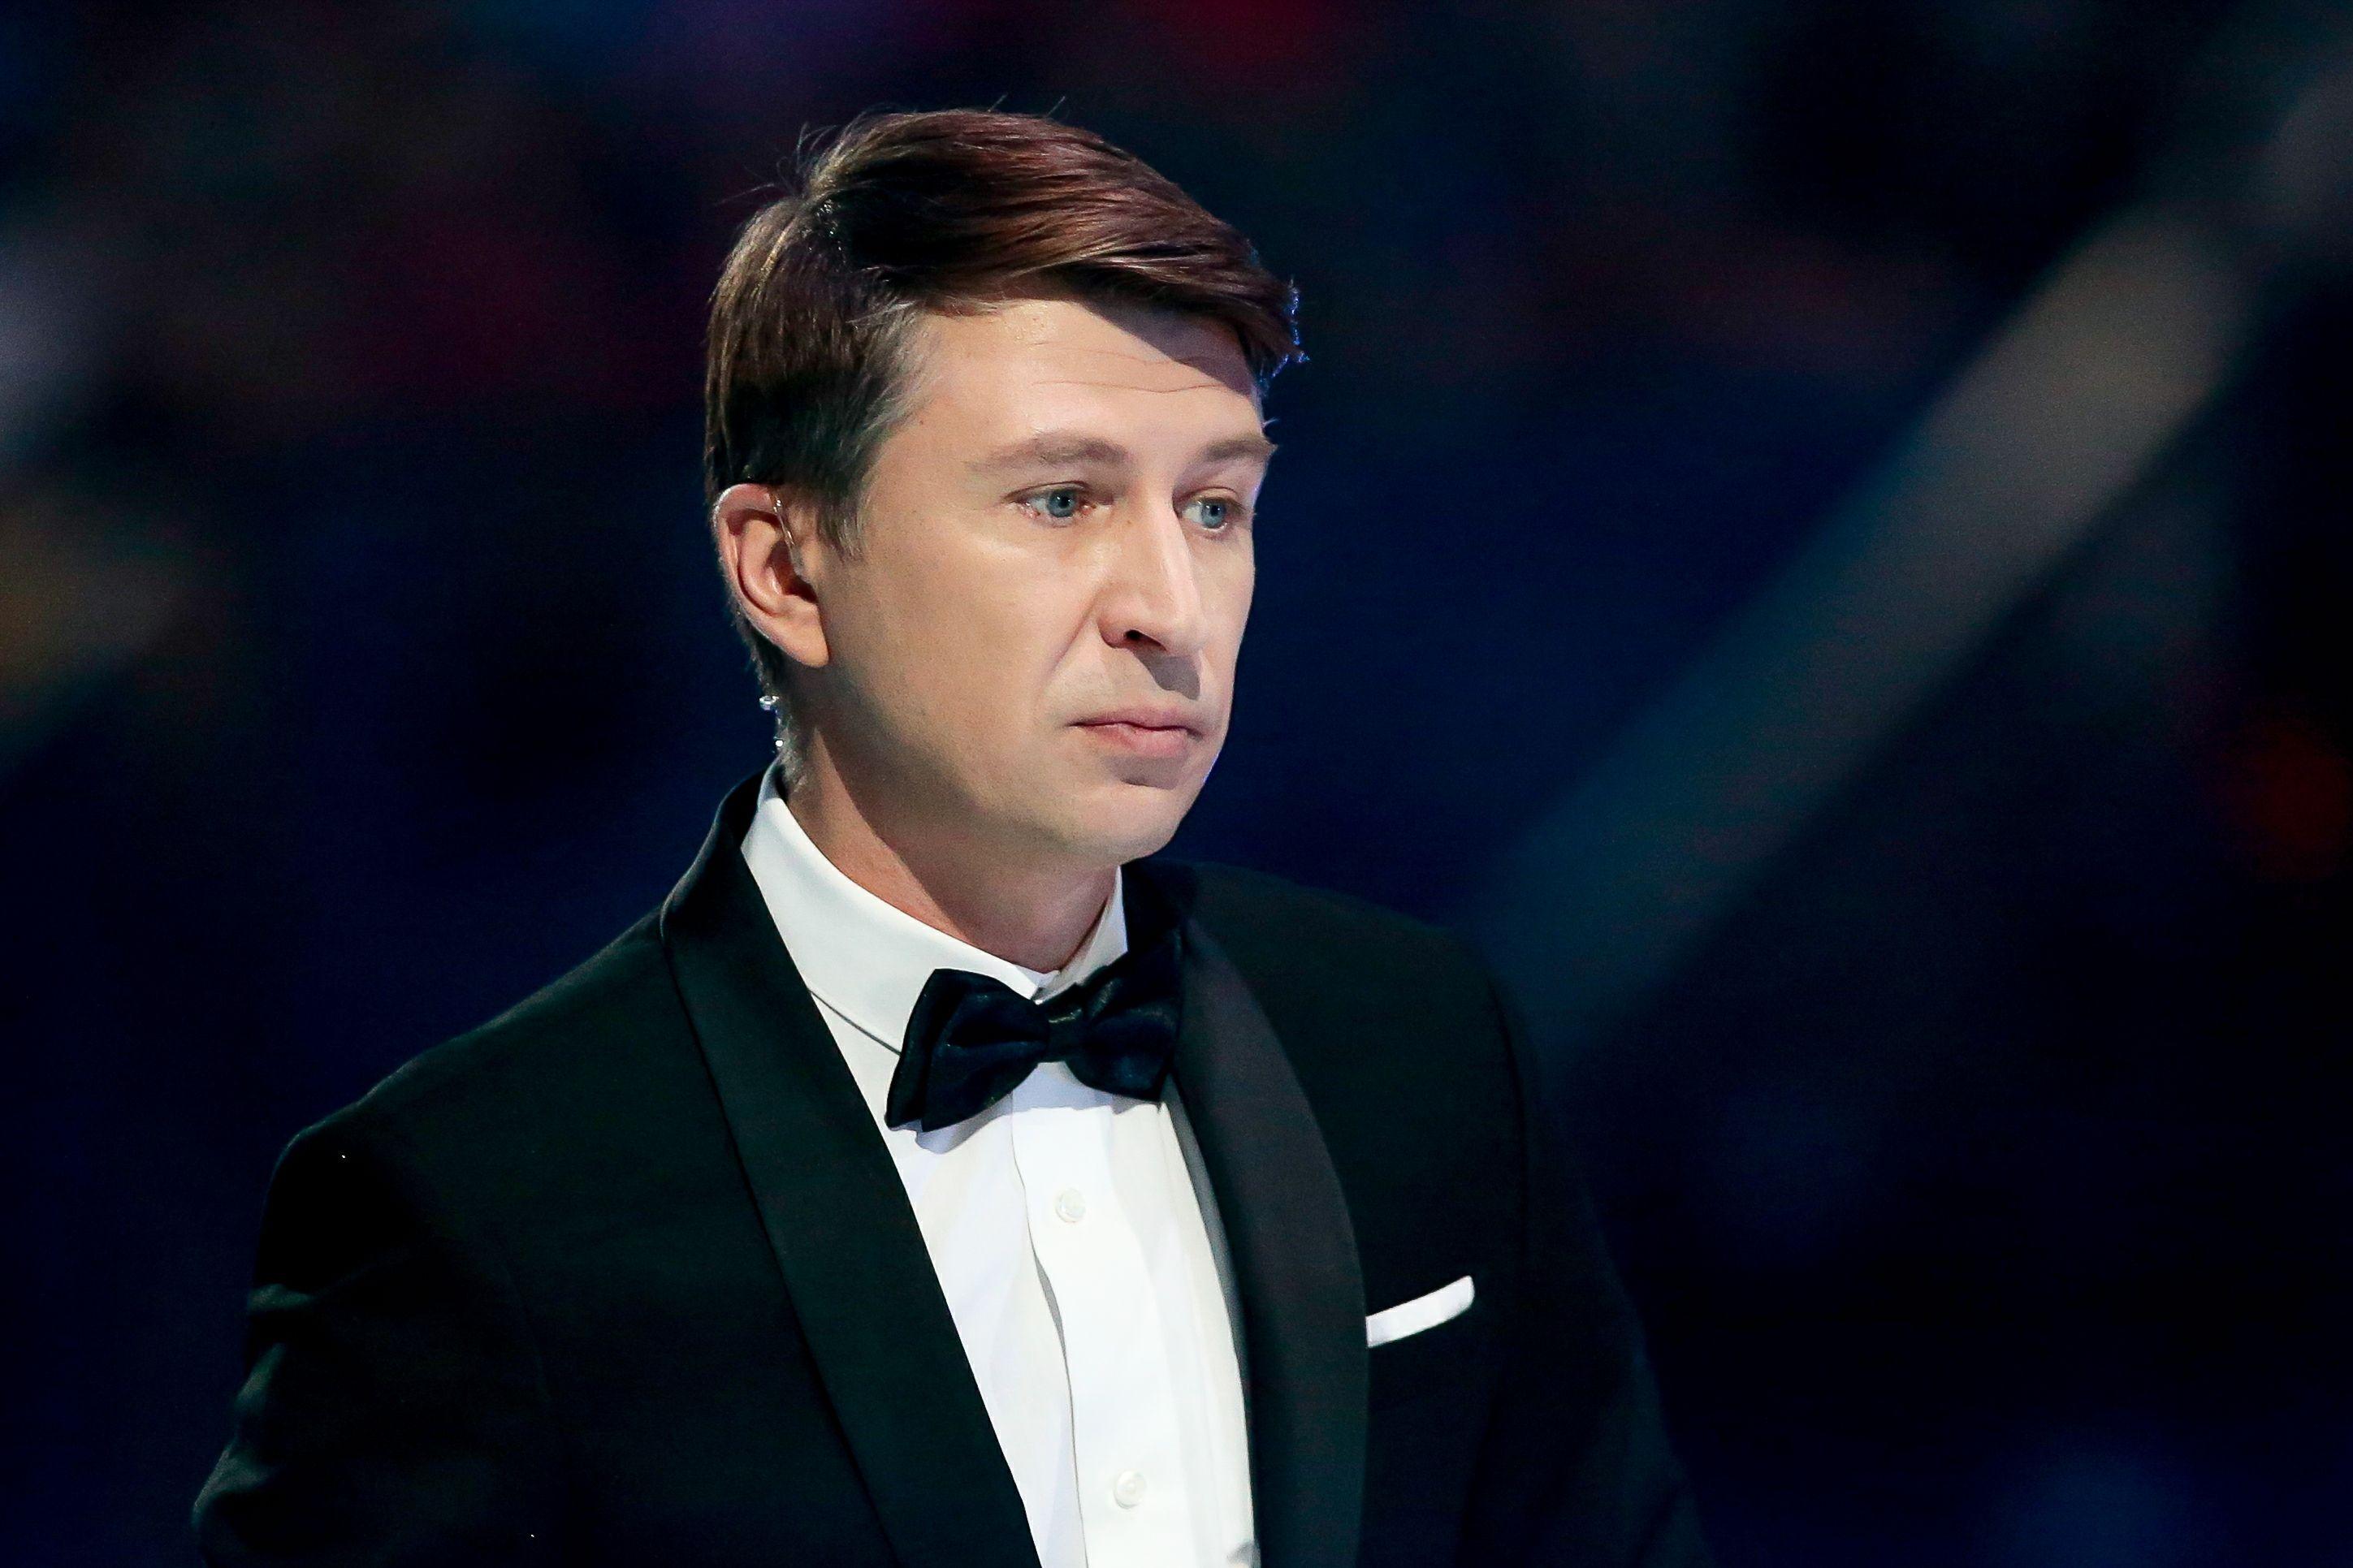 Ягудин эмоционально оценил выступление Туктамышевой на чемпионате мира